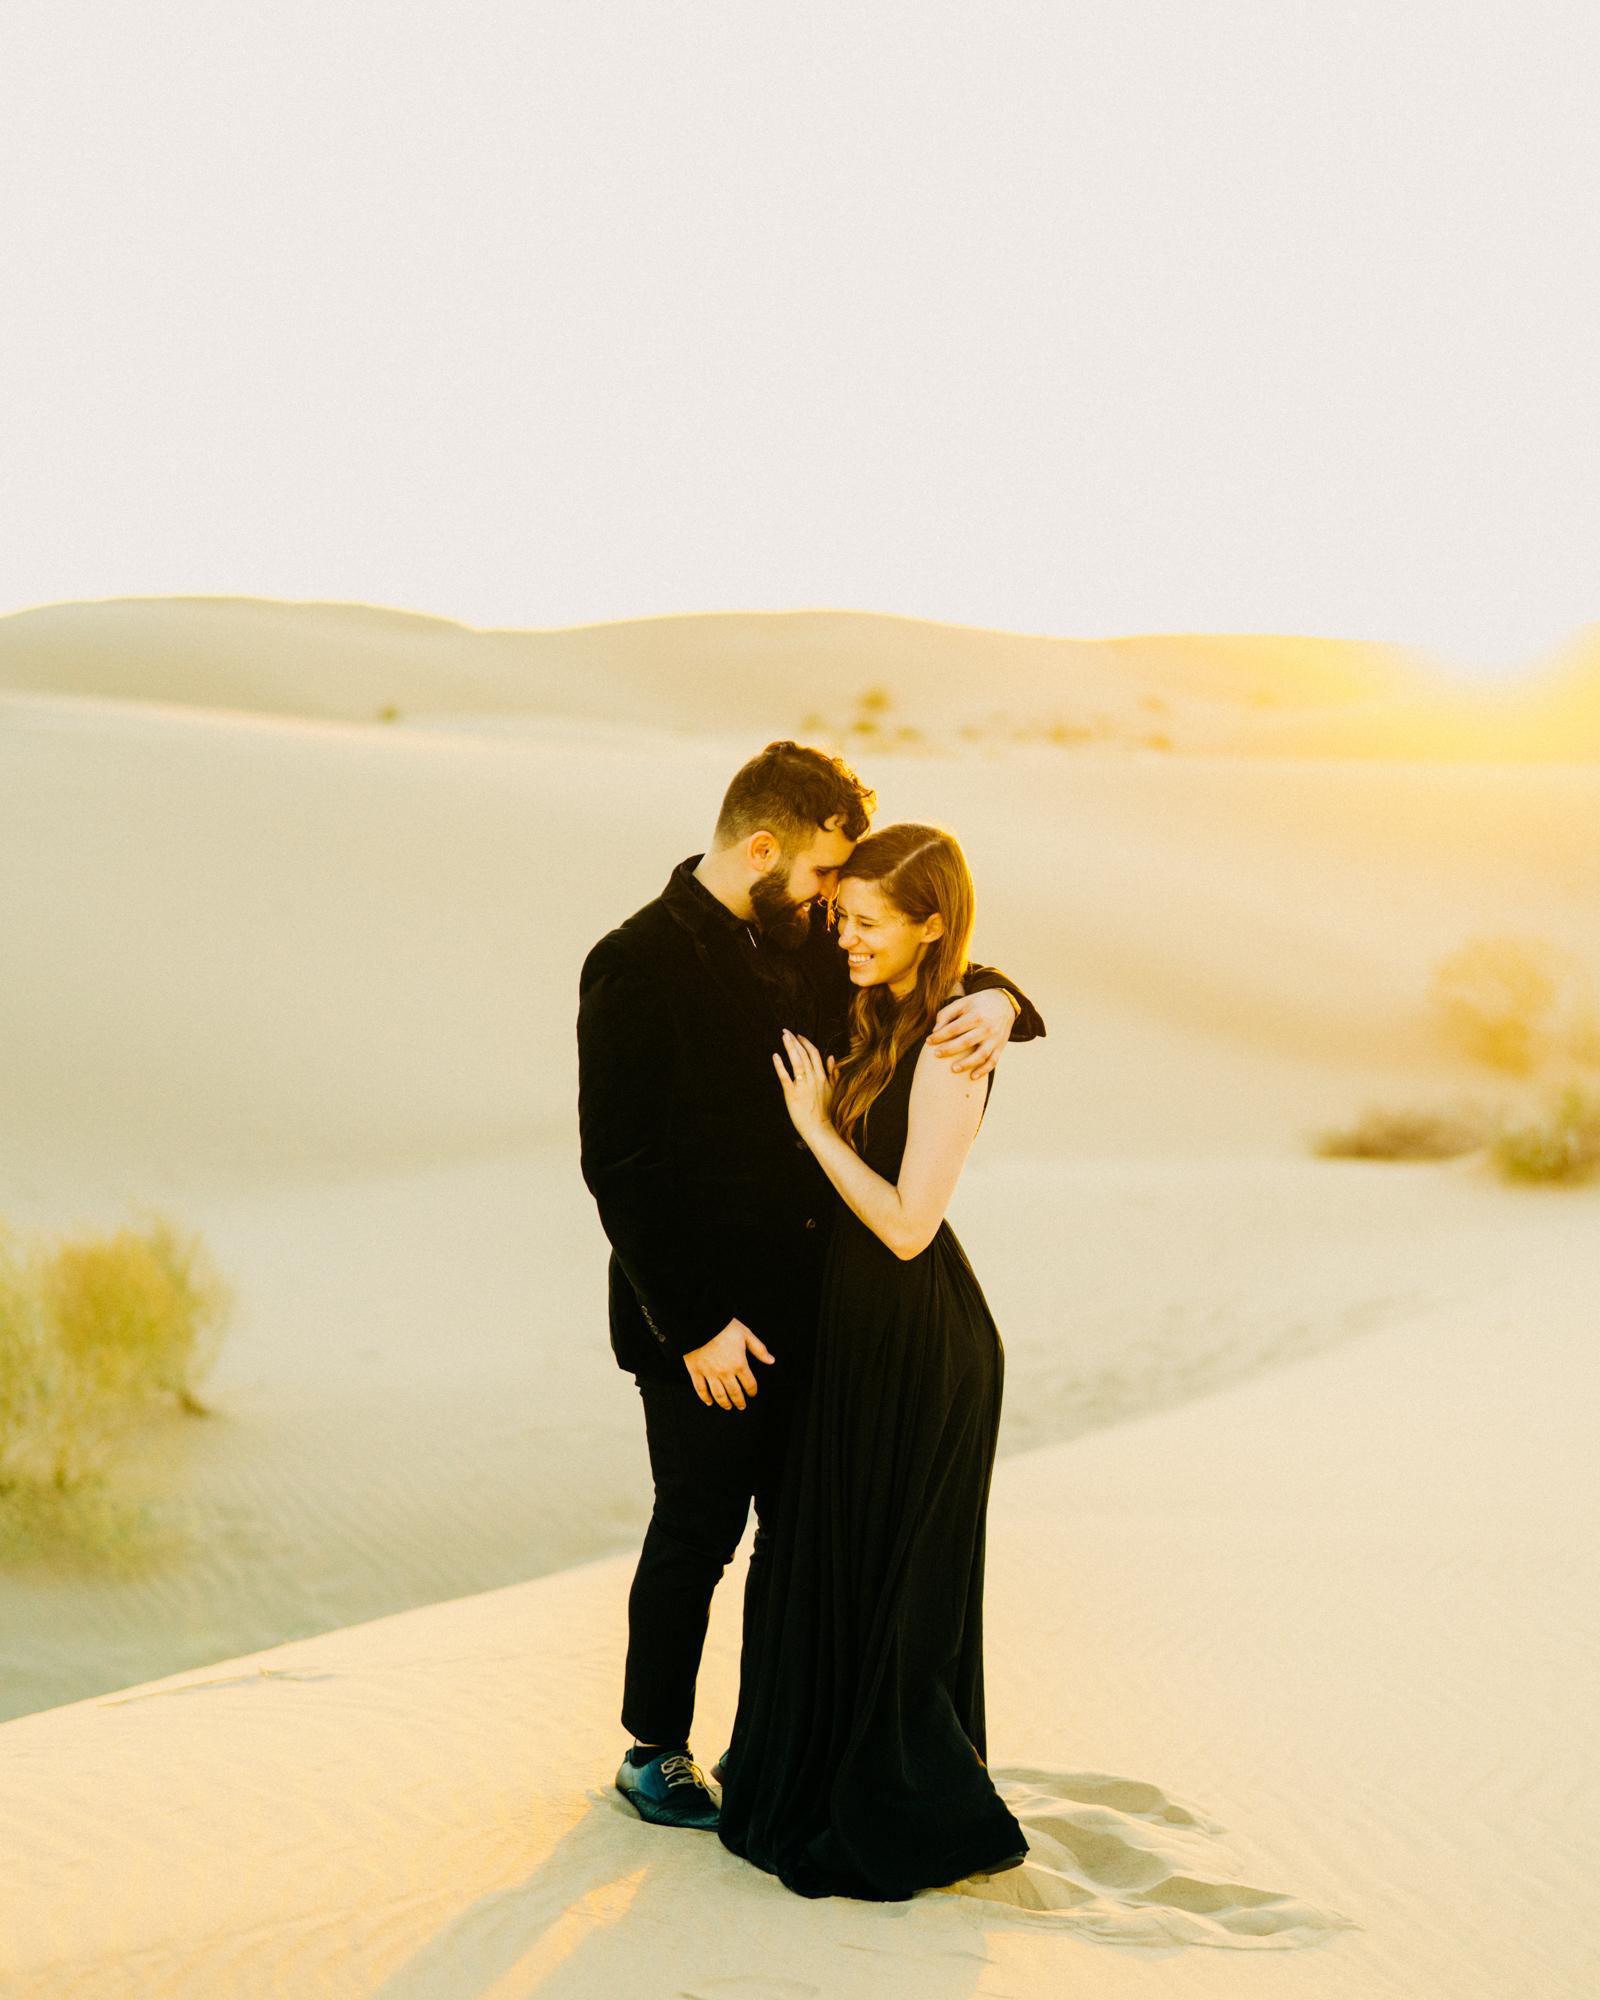 pouya-mack-imperial-sand-dunes-engagement-fine-art-9.jpg